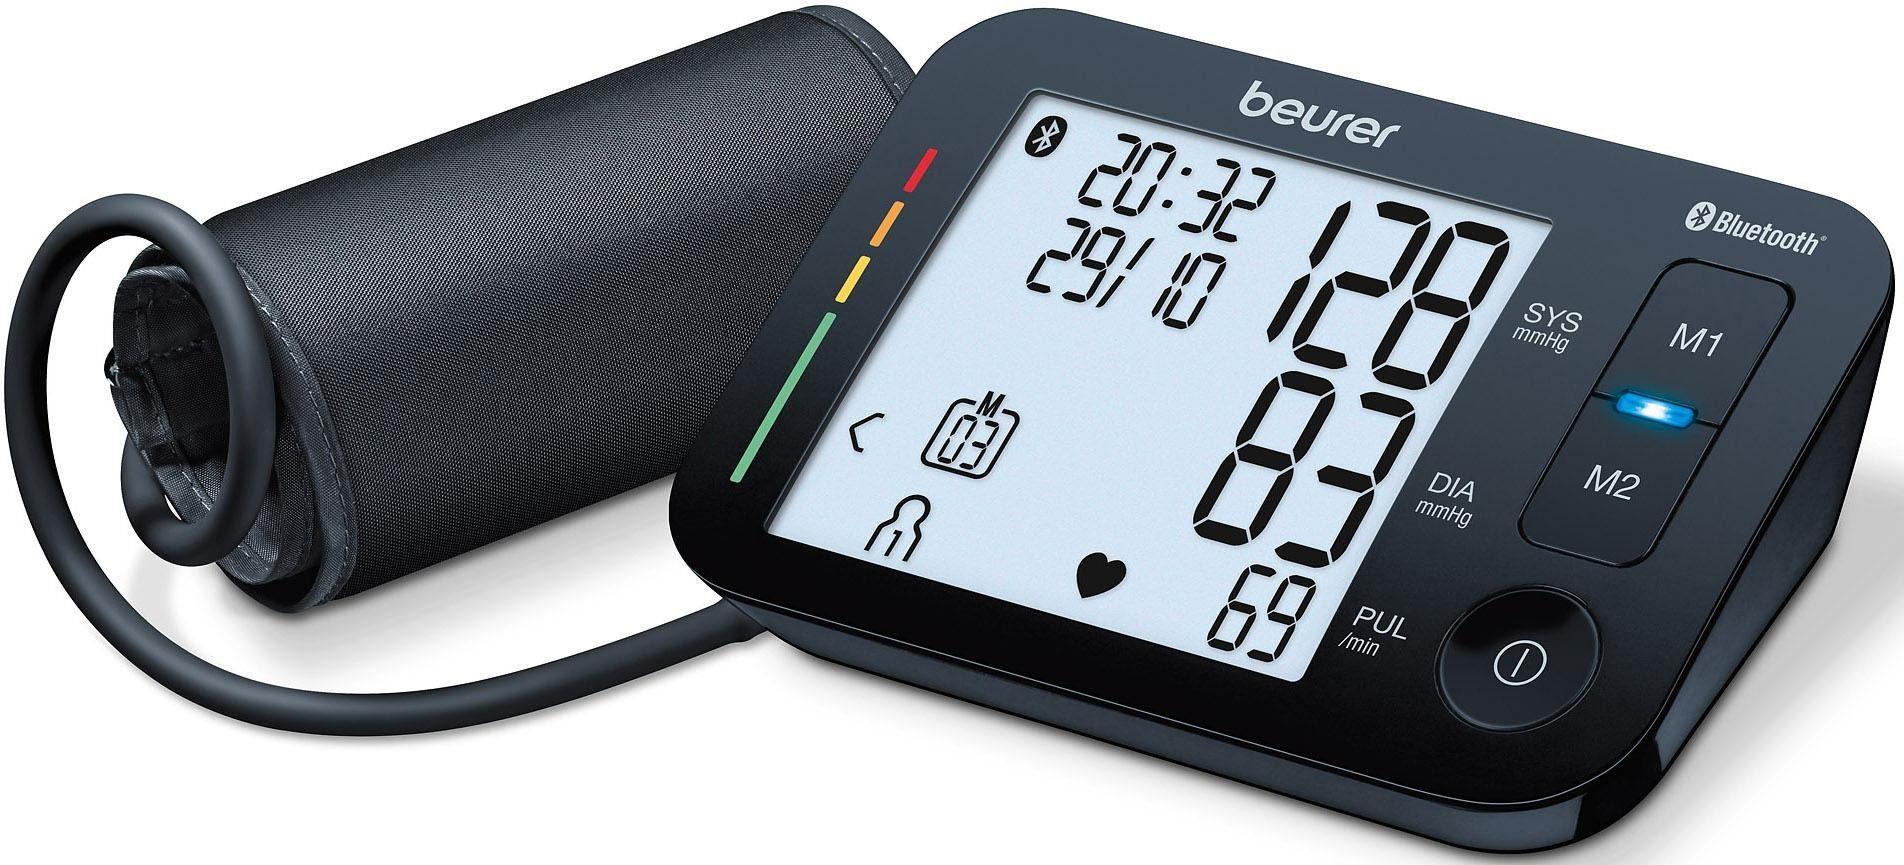 BEURER Oberarm-Blutdruckmessgerät BM 54, Mit Sprachfunktion in 4 Sprachen